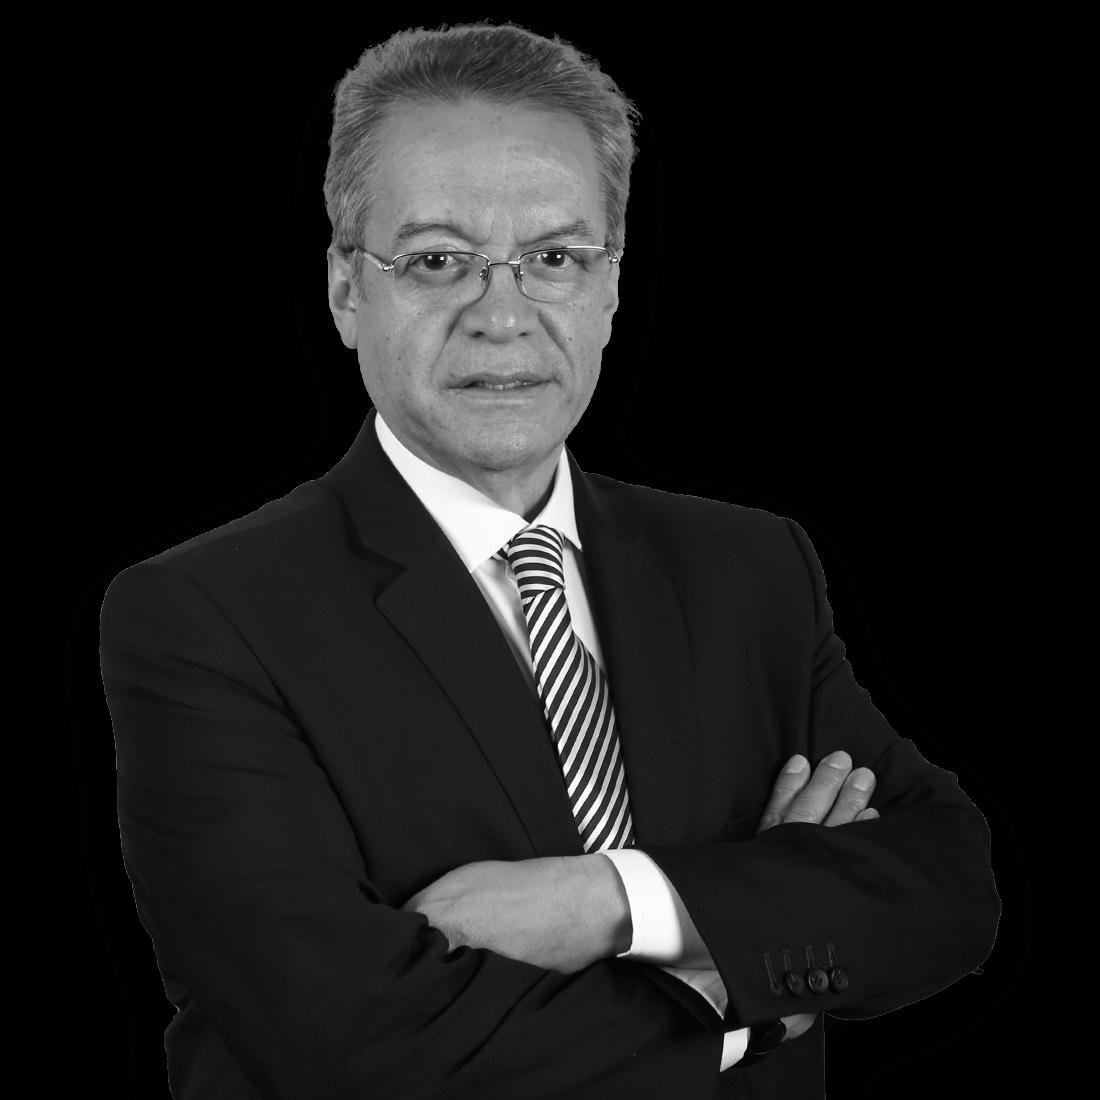 Guillermo Diaz Salamanca